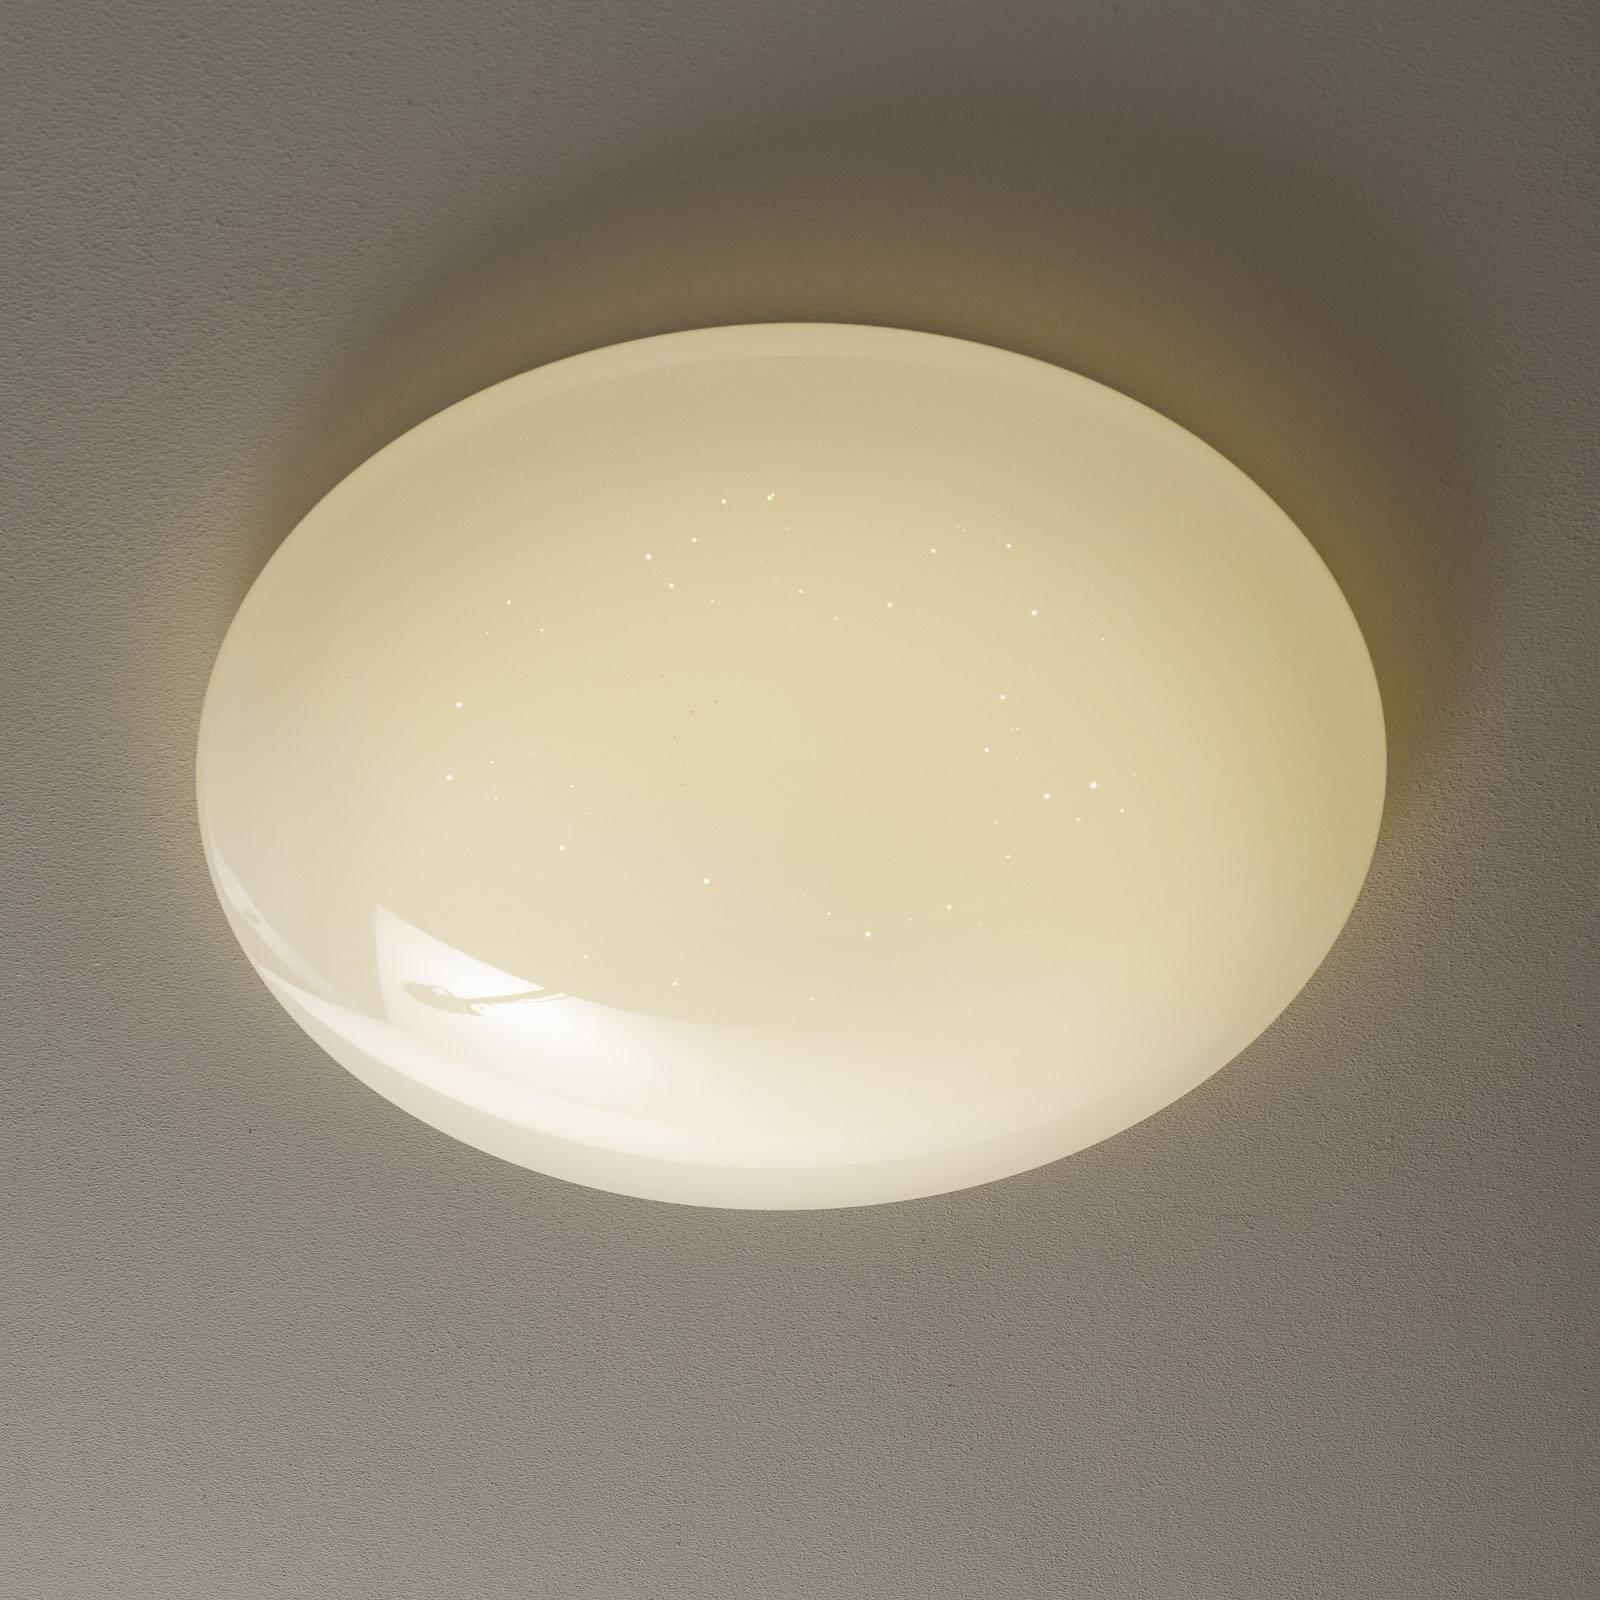 EGLO connect Totari-C lampa sufitowa LED RGB